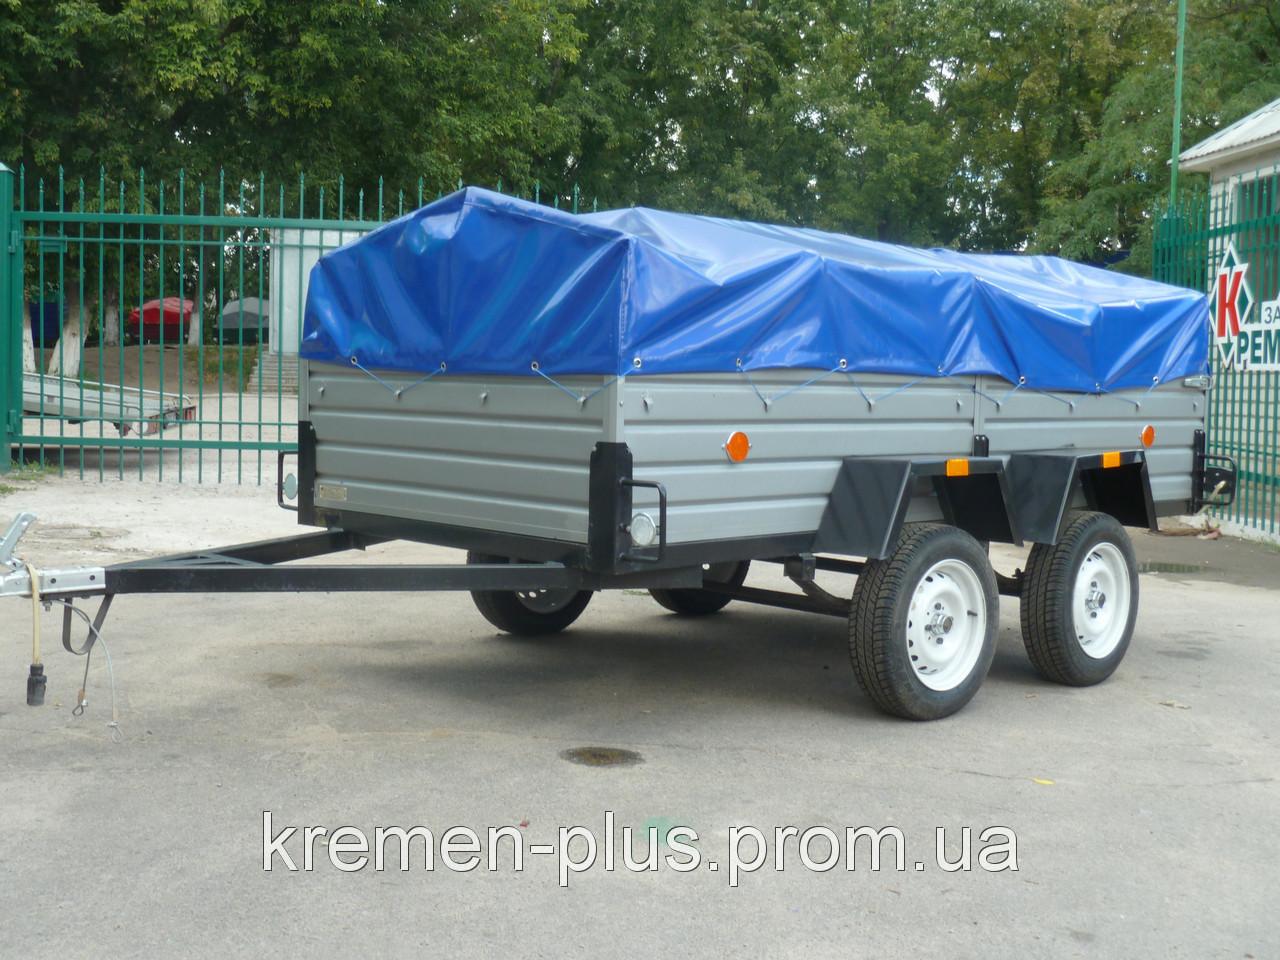 Продам легковой прицеп в Тернополе